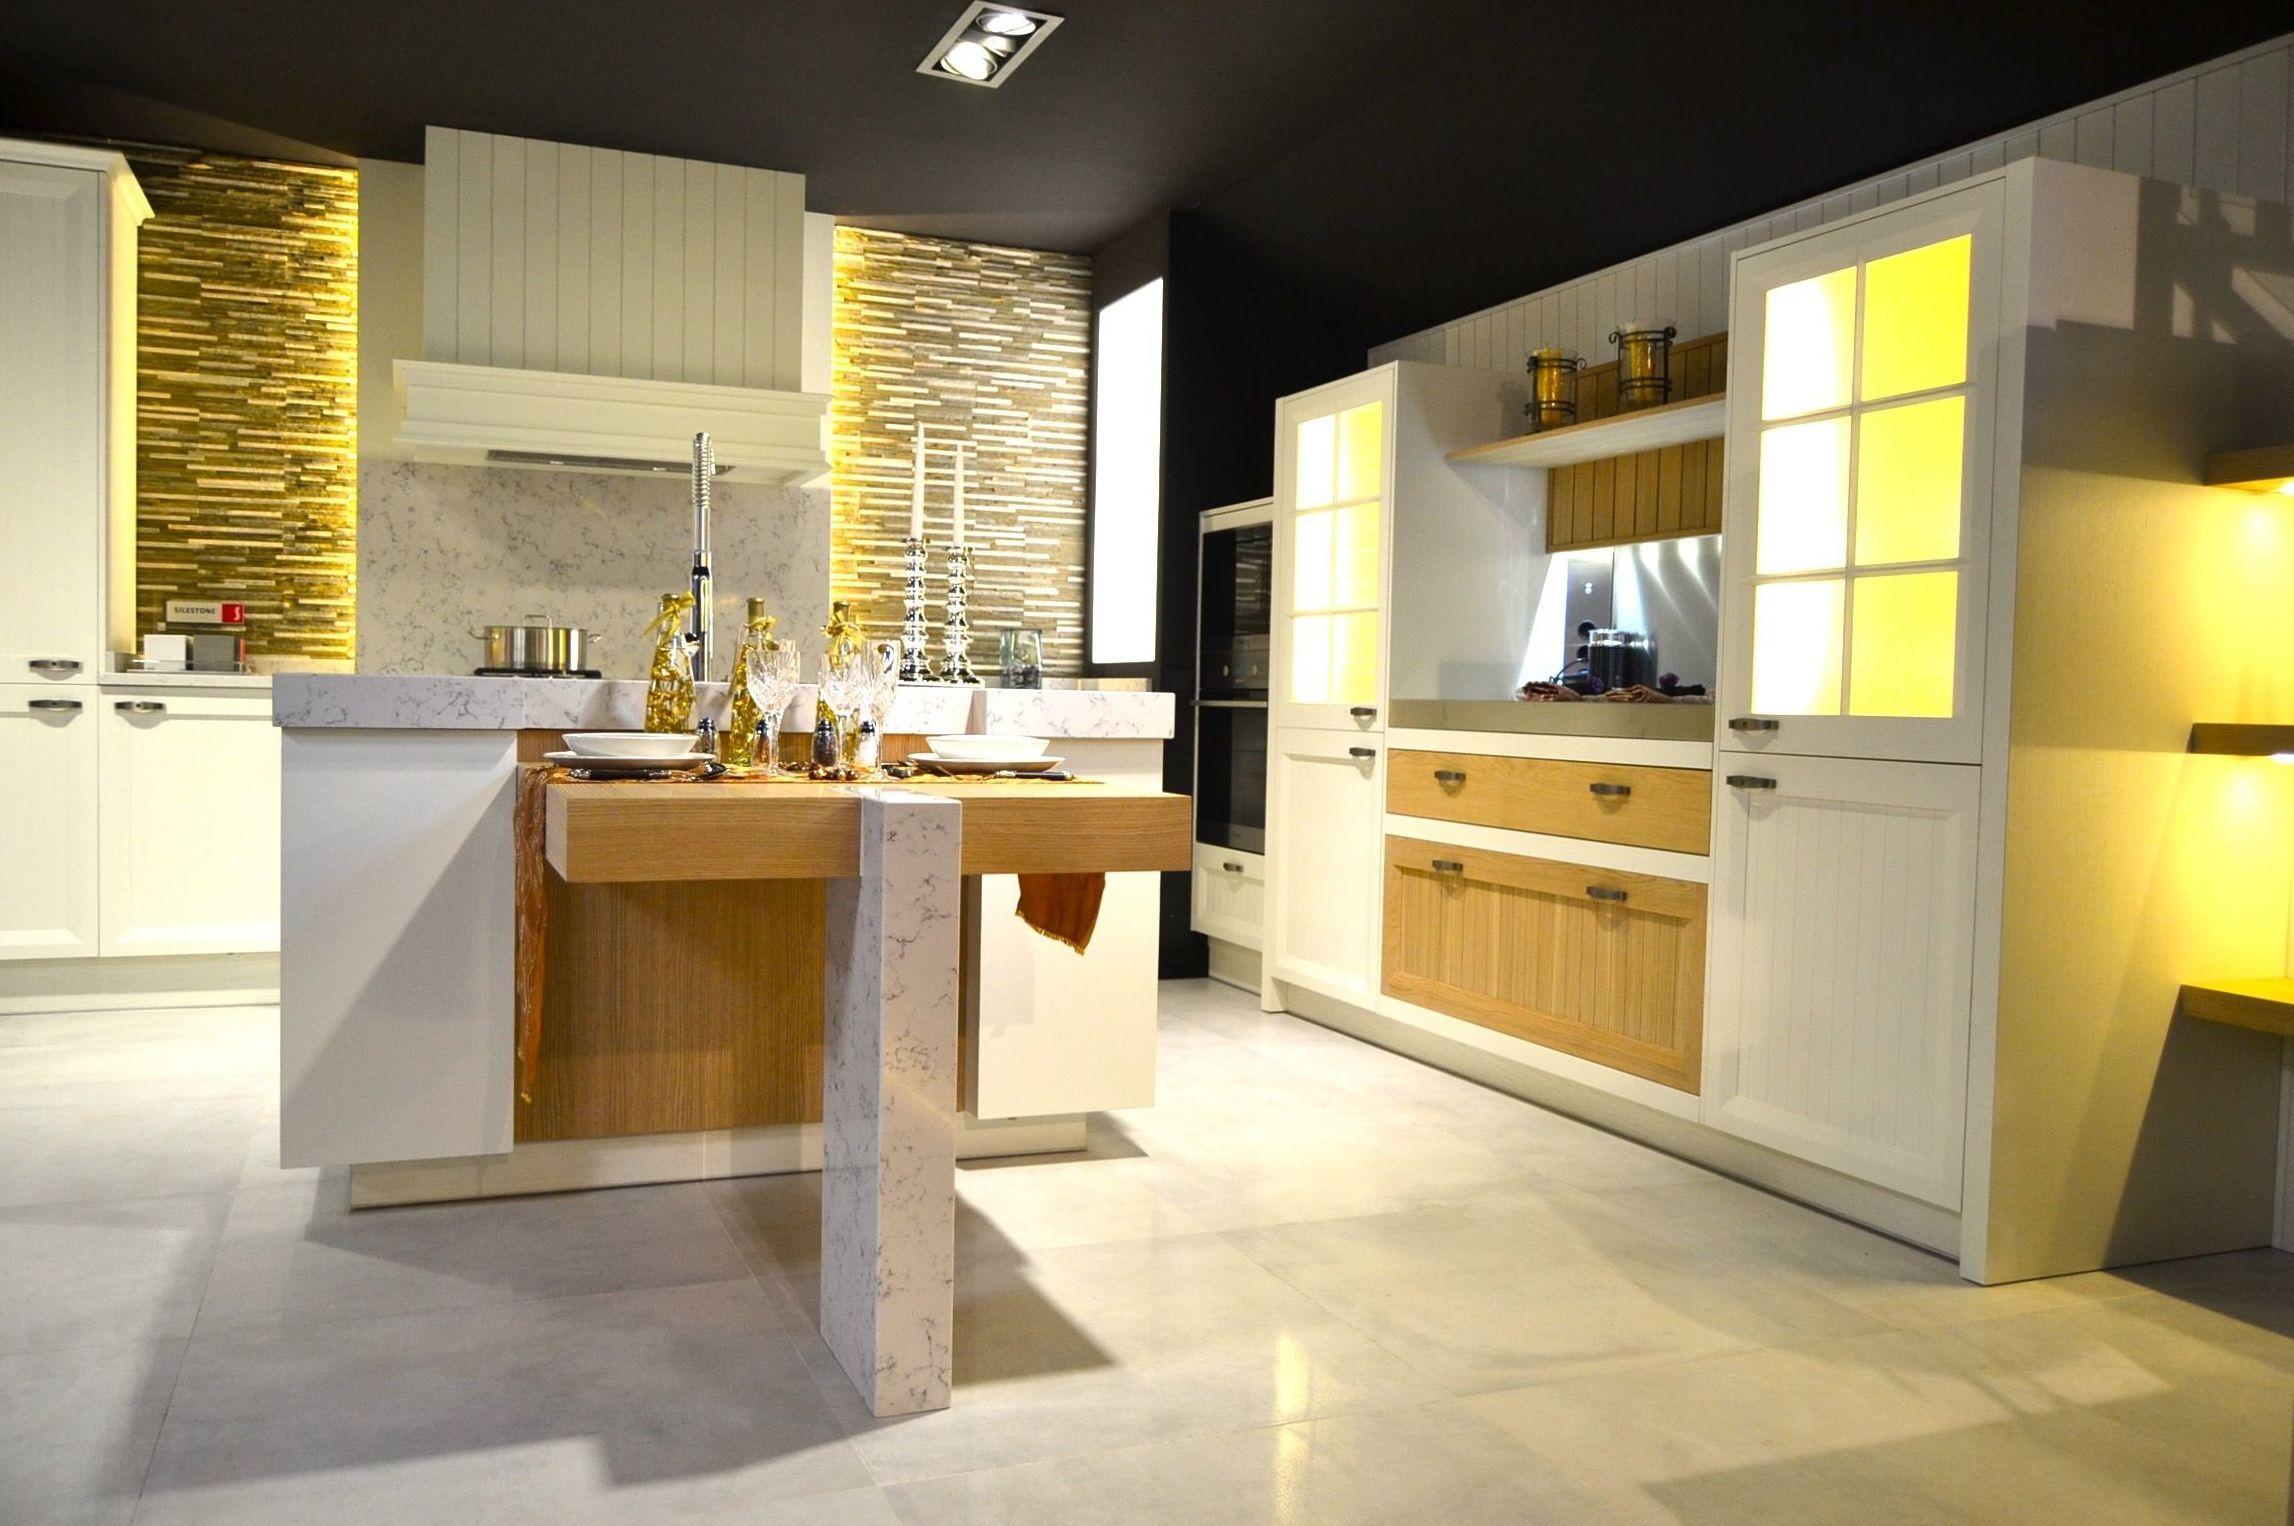 Muebles modulares marrones 20170814033642 for Muebles de cocina modernos precios